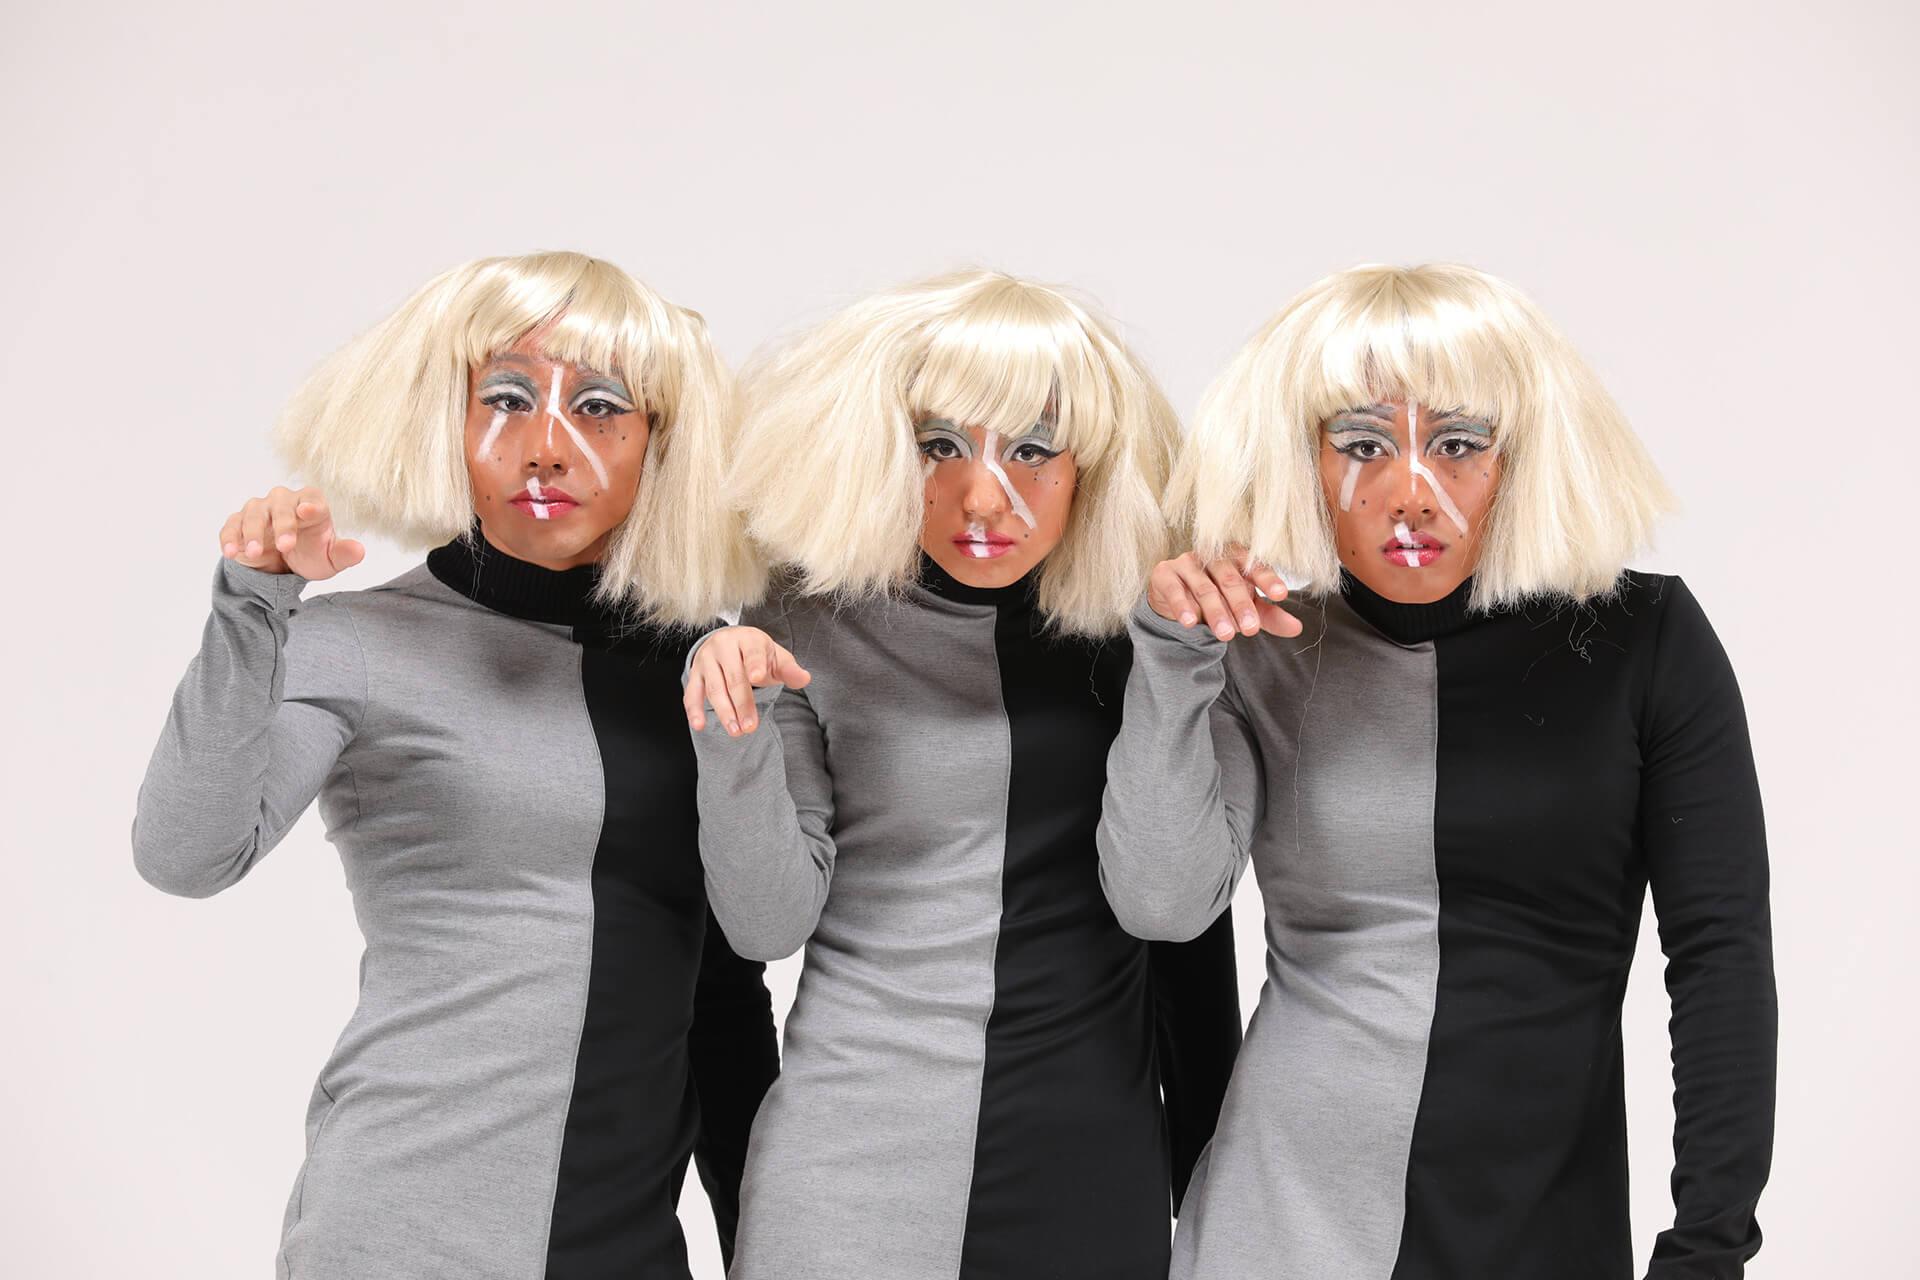 邱加希的作品呈現三個一模一樣的人。(相片提供︰Worldwide Dance Project)